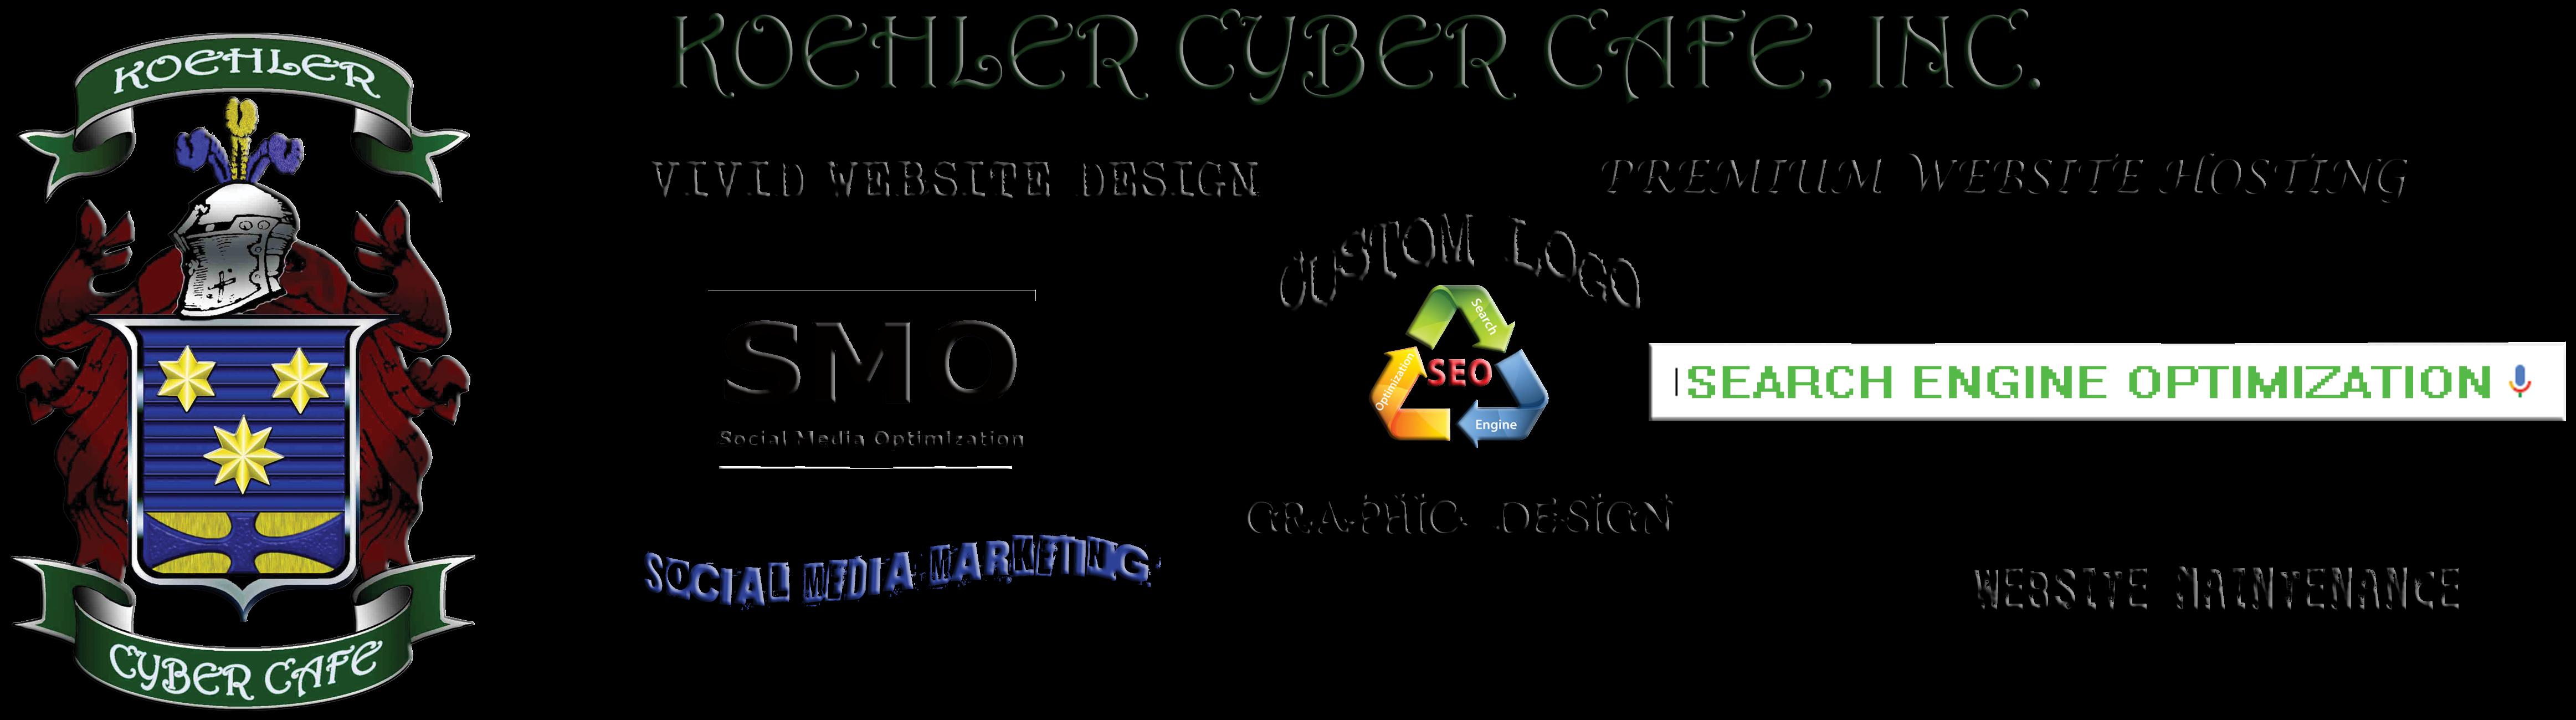 Koehler Cyber Cafe